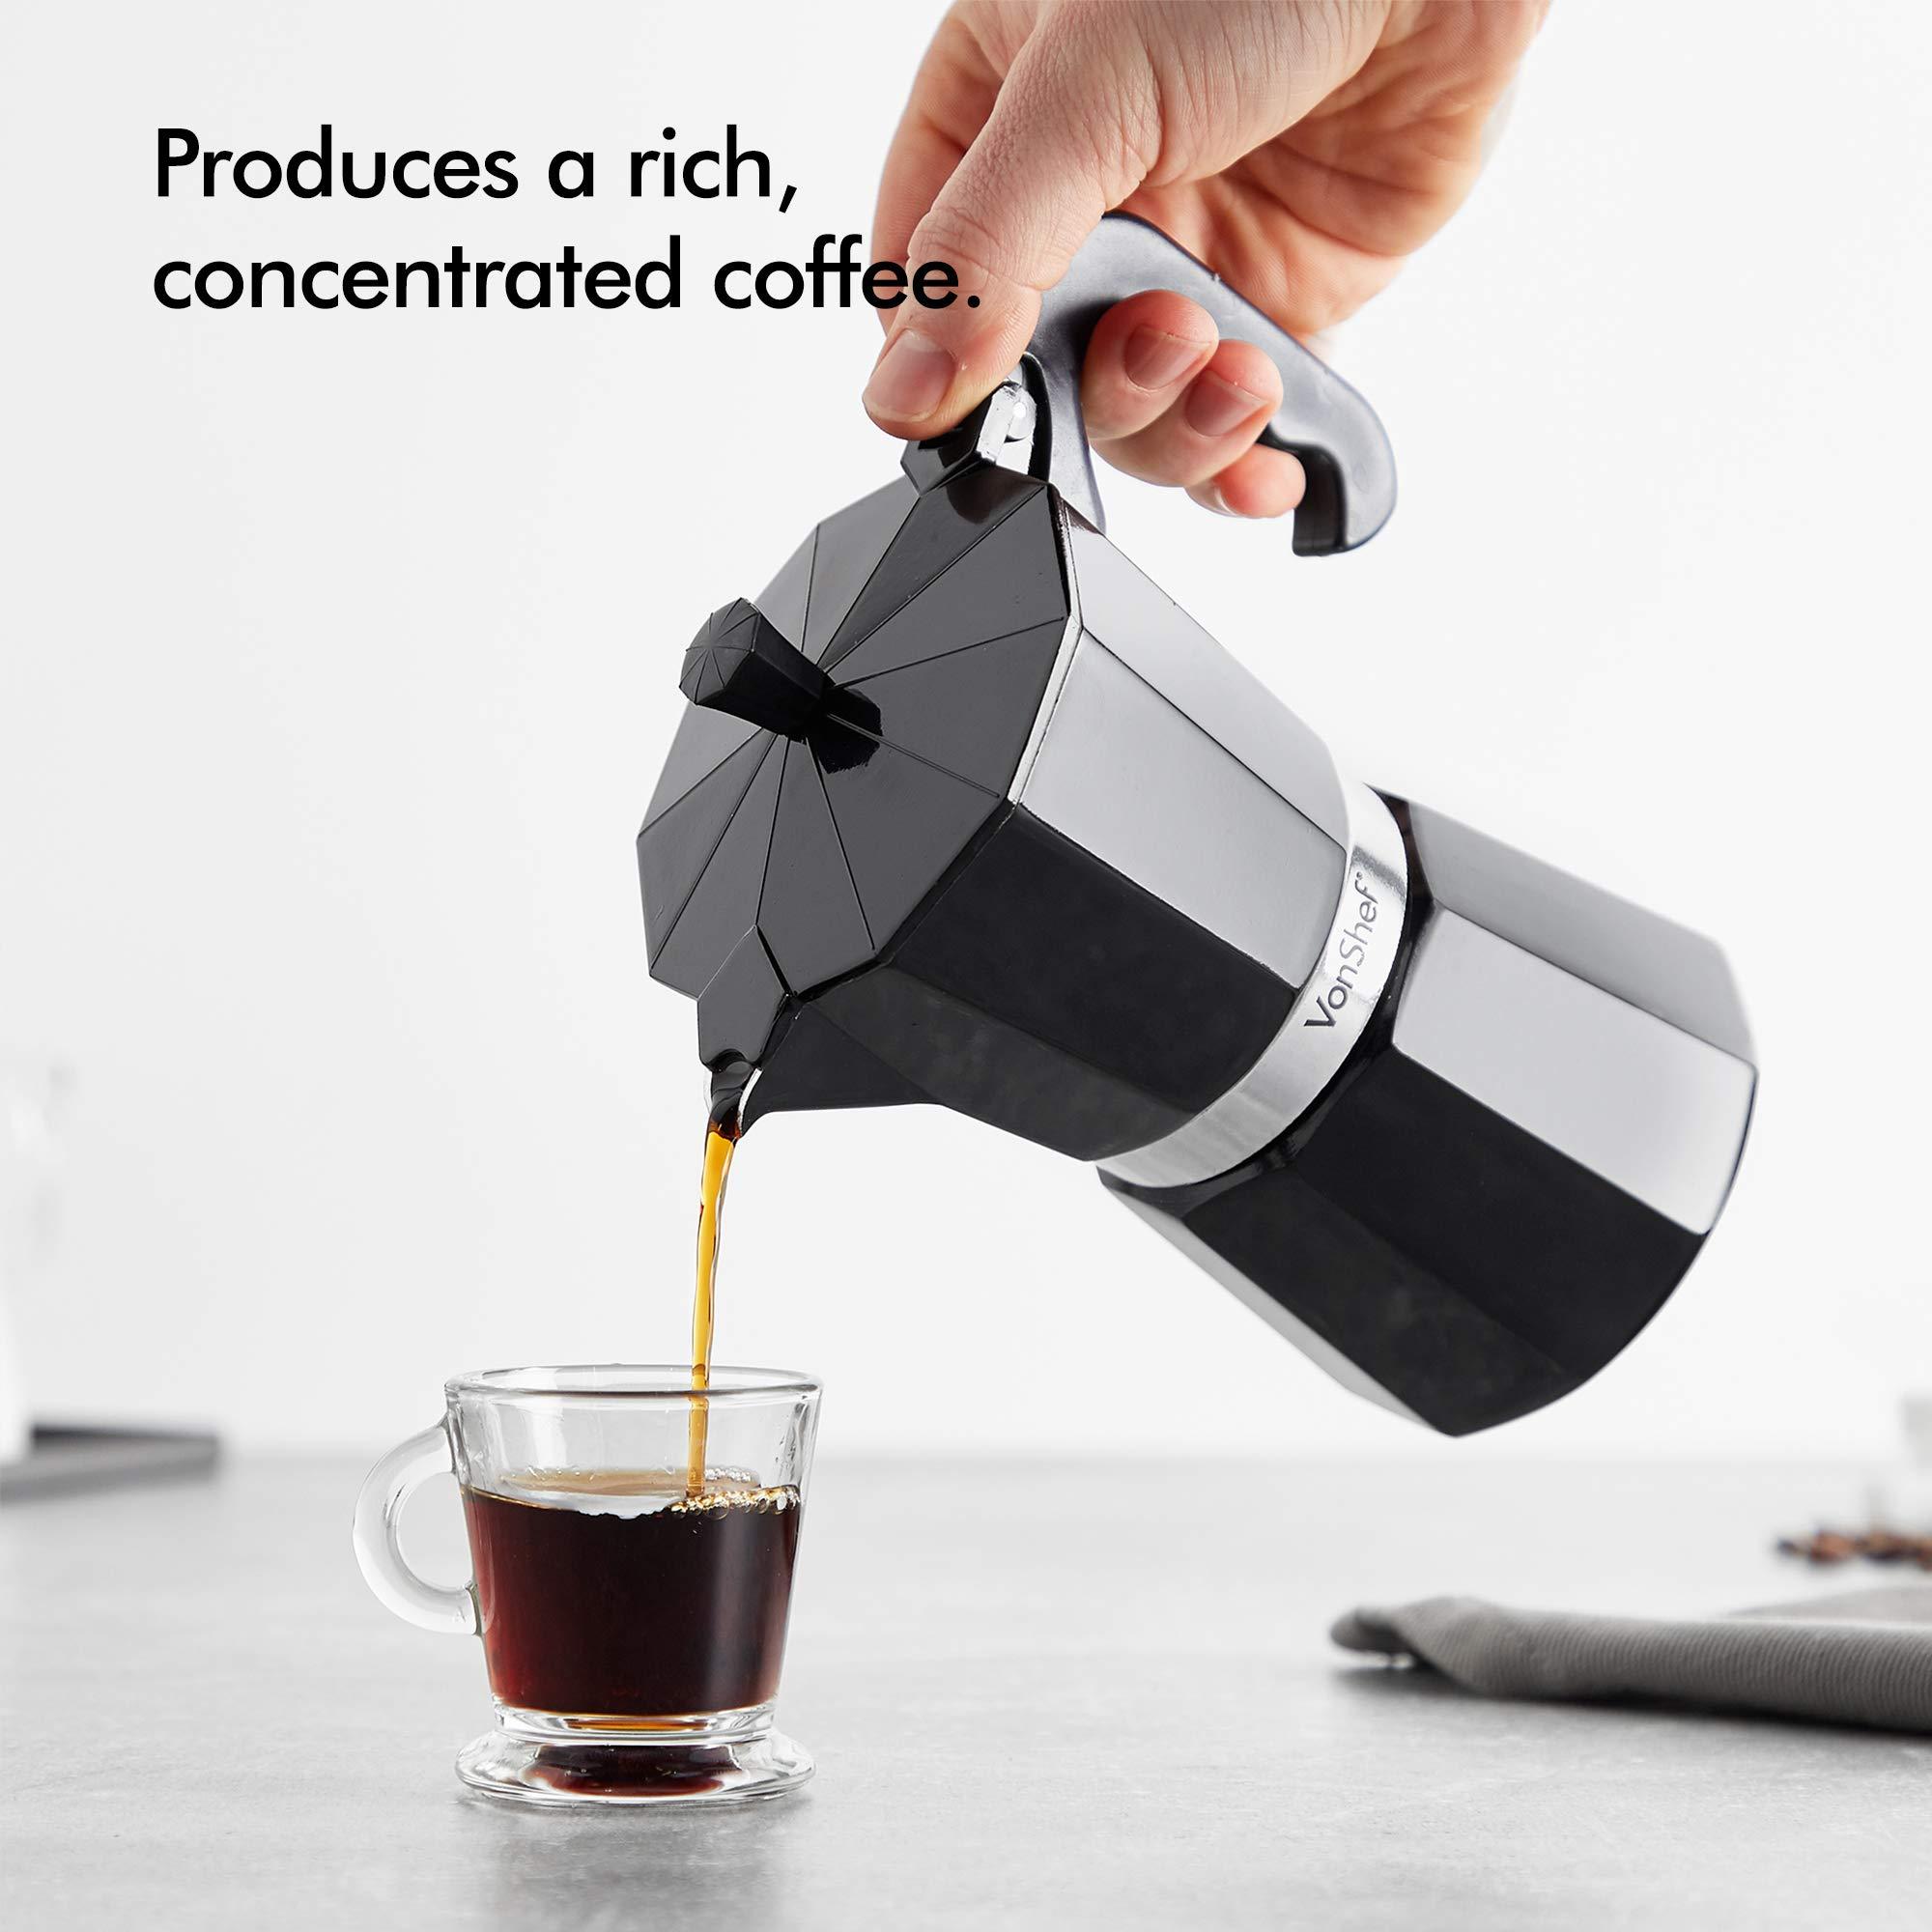 VonShef Cafetera Espresso Italiana Macchinetta Moka de 3/6/9/12 Tazas Incluye un Filtro y un Sello de Recambio (6 Tazas): Amazon.es: Hogar